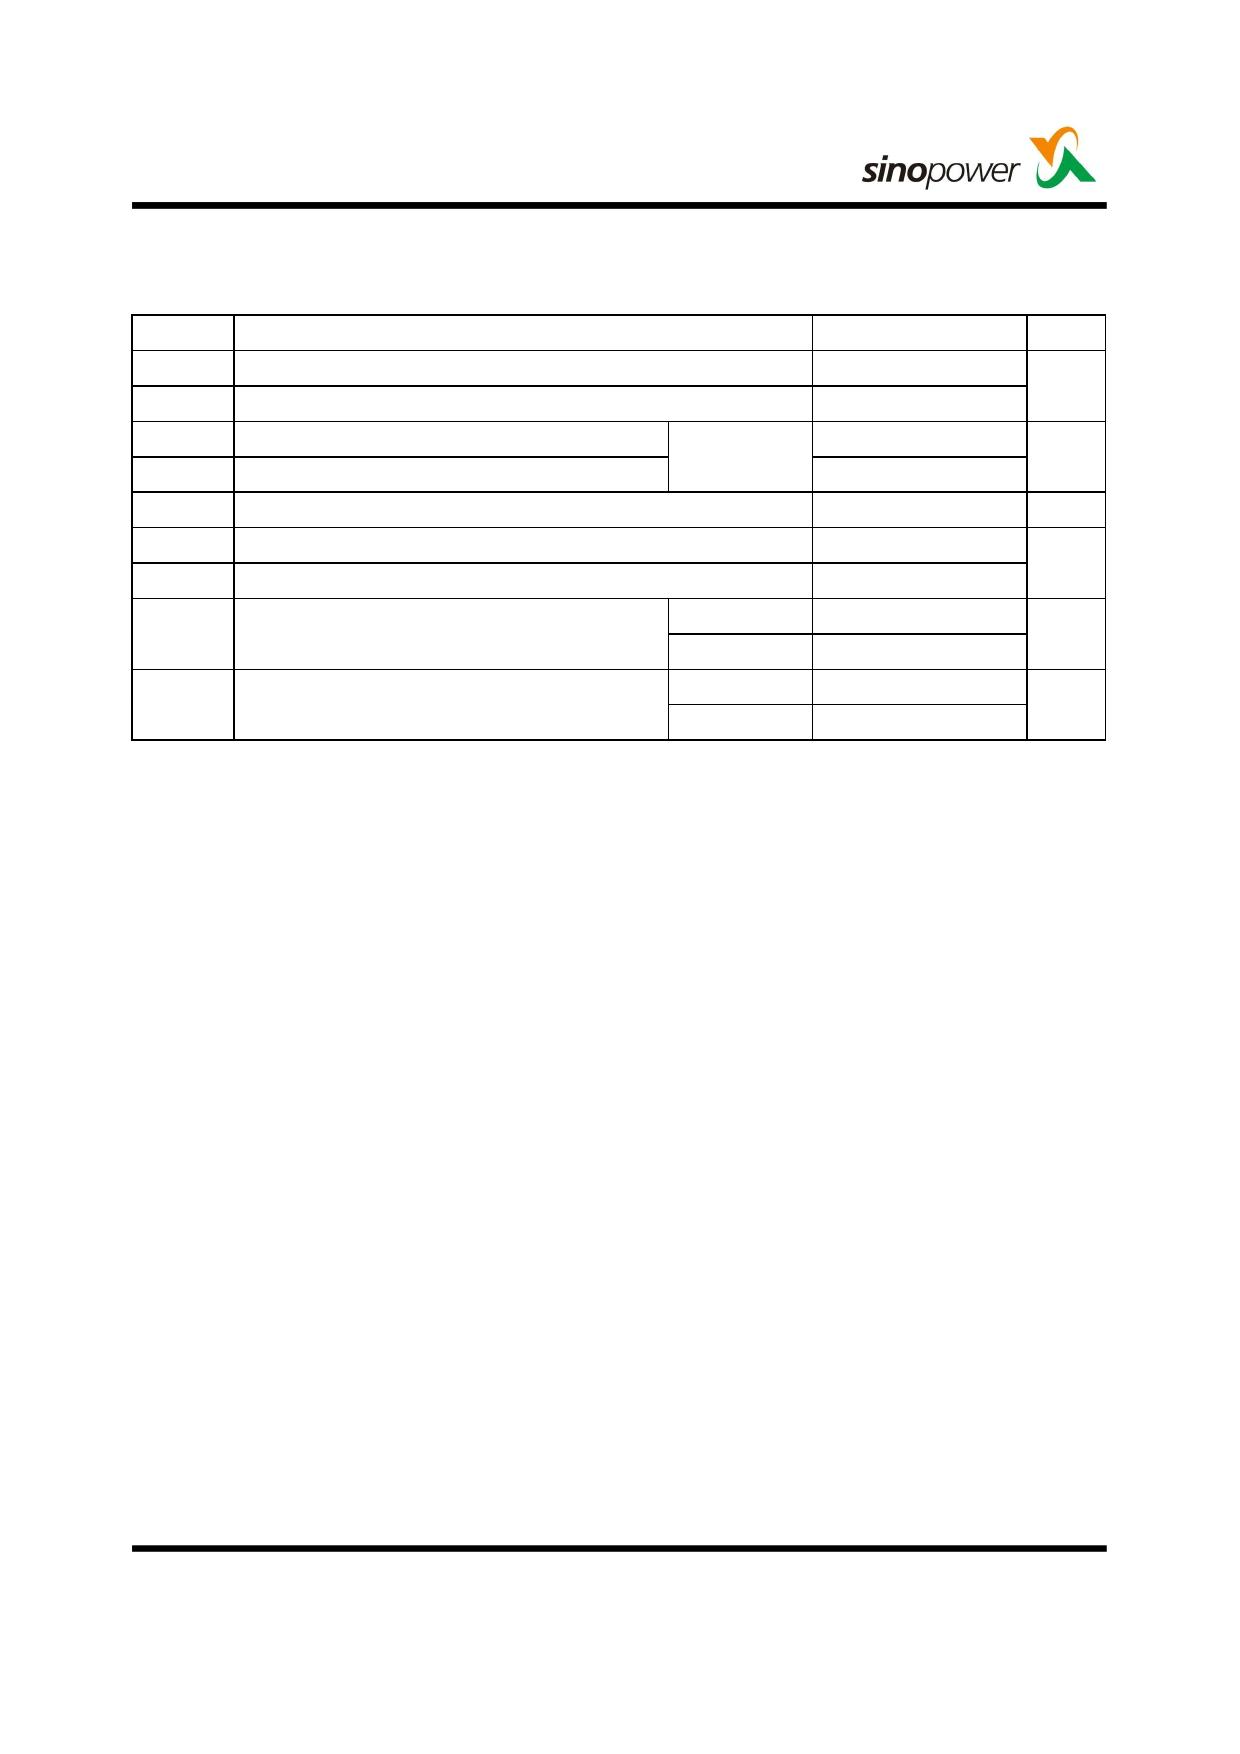 SM9435PSK pdf